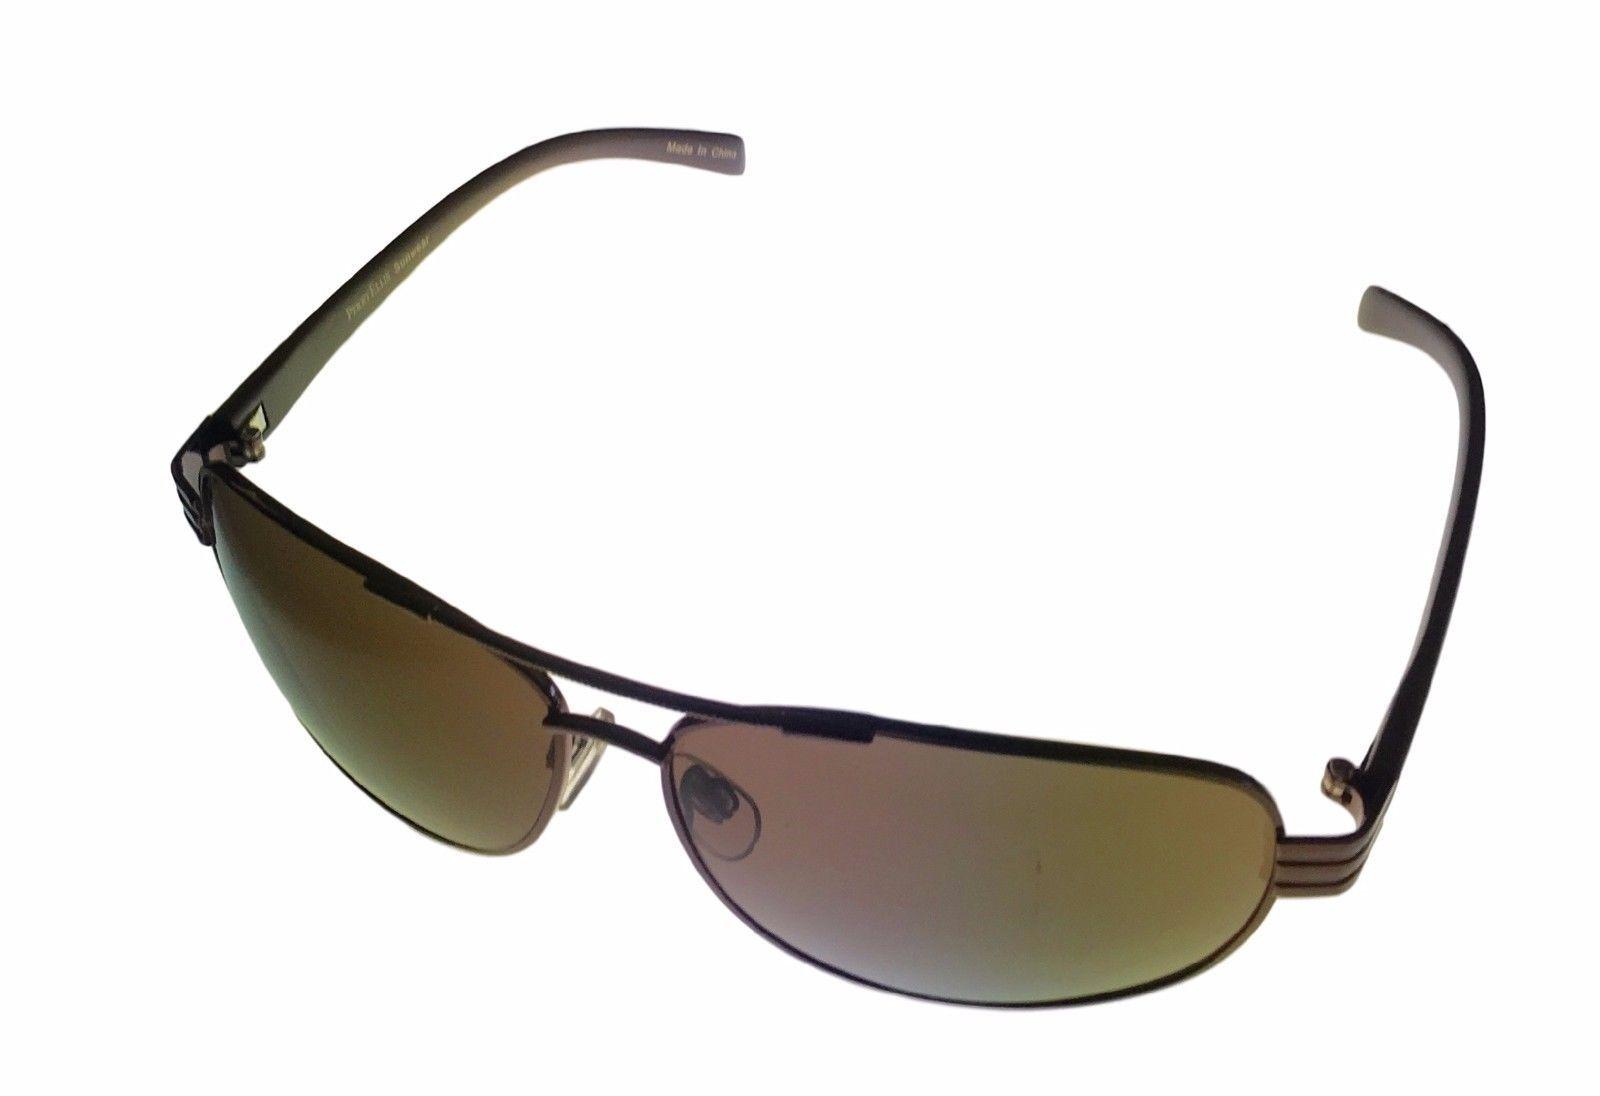 42e06210459287 Perry Ellis Mens Brown Metal Aviator Sunglass  Solid Brown Lens PE21 - 2 -   17.99